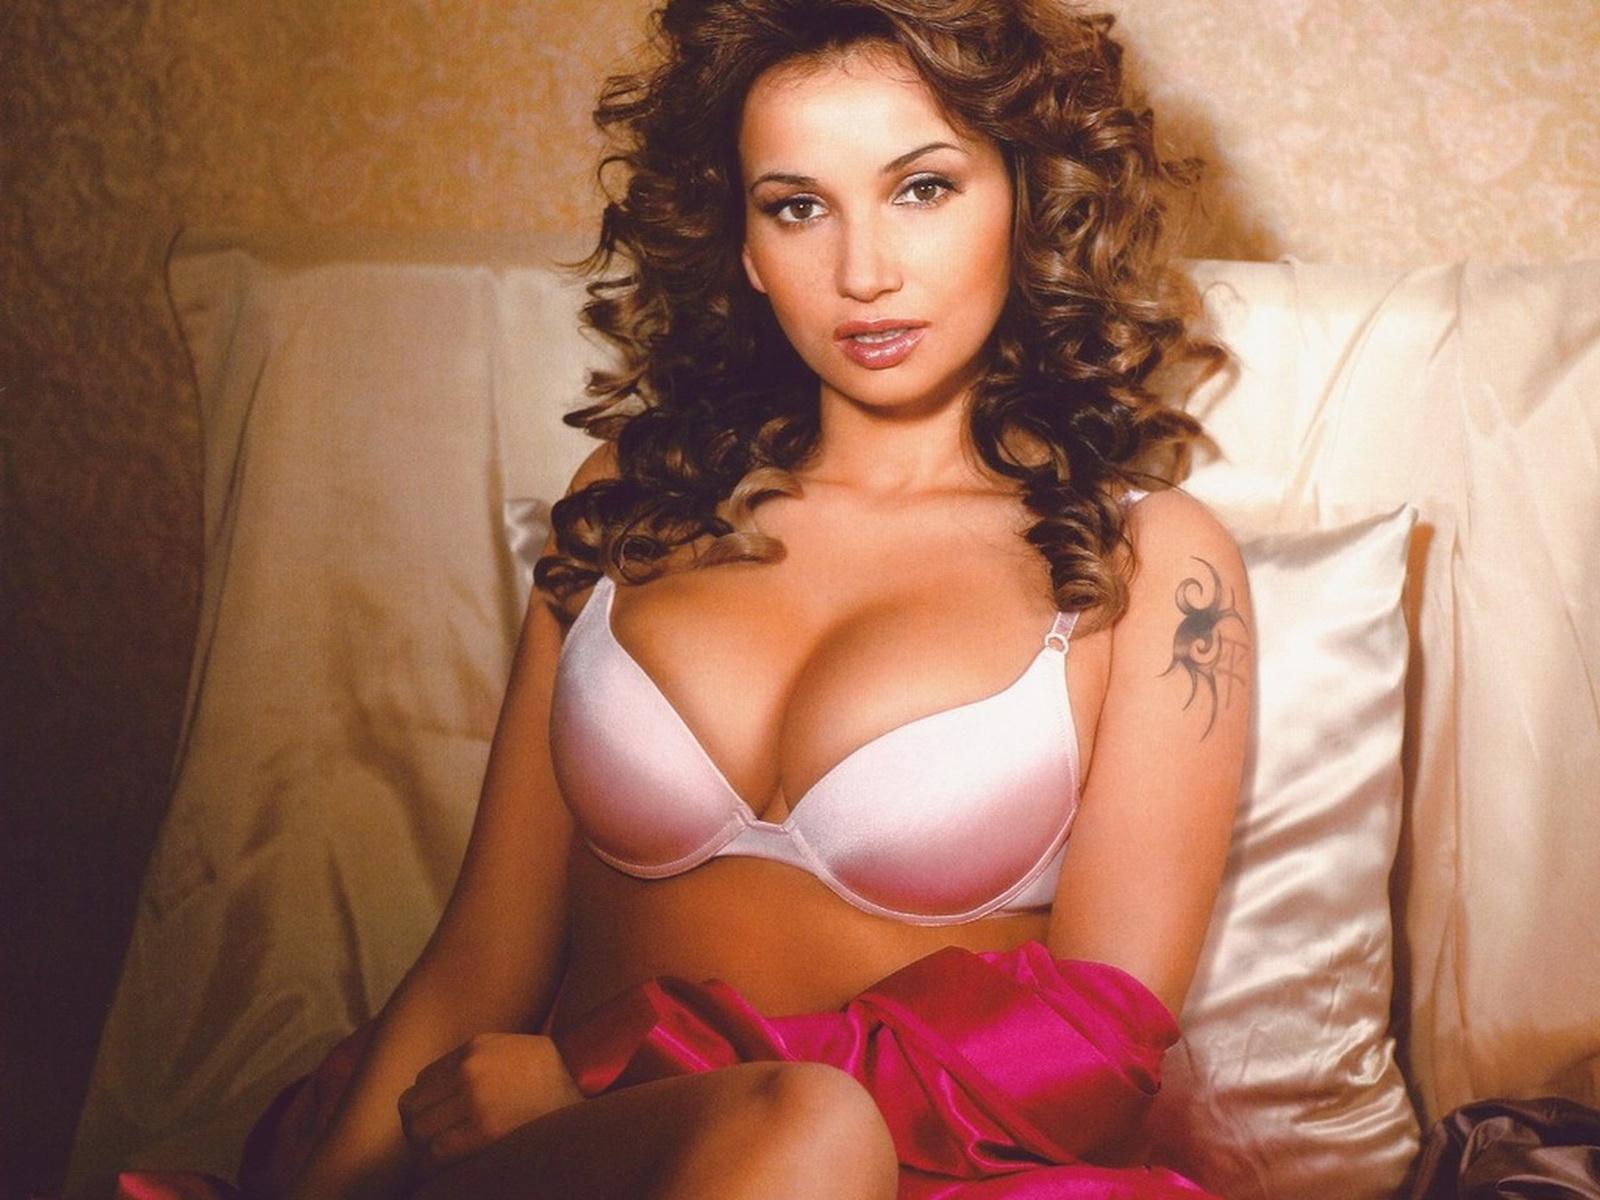 Русские знаменитости смотретьголые, Порно со знаменитостями, секс видео знаменитых 3 фотография